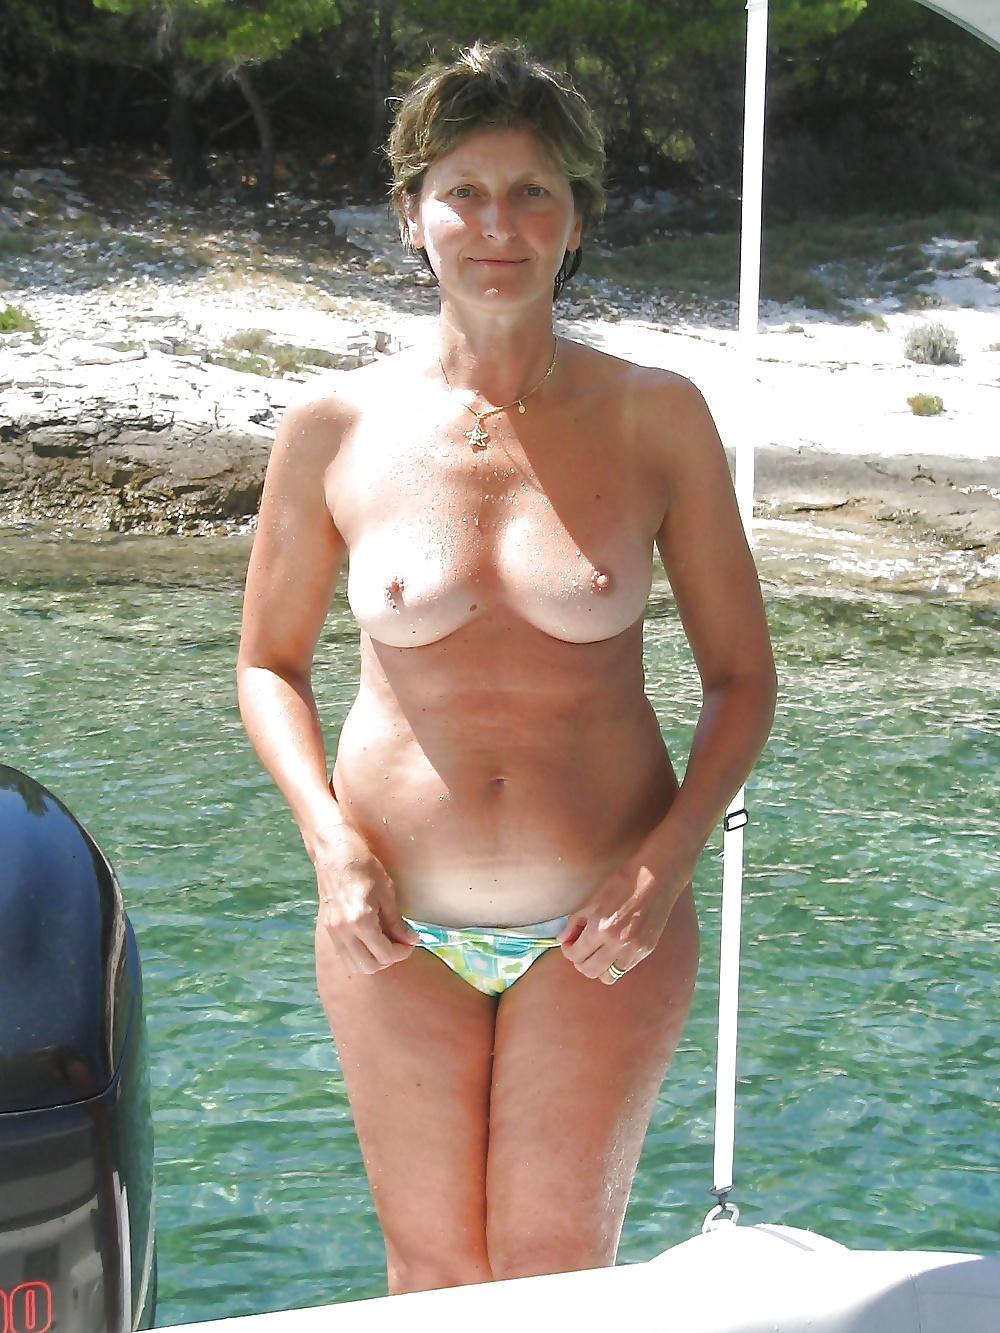 Amateur Granny Pics